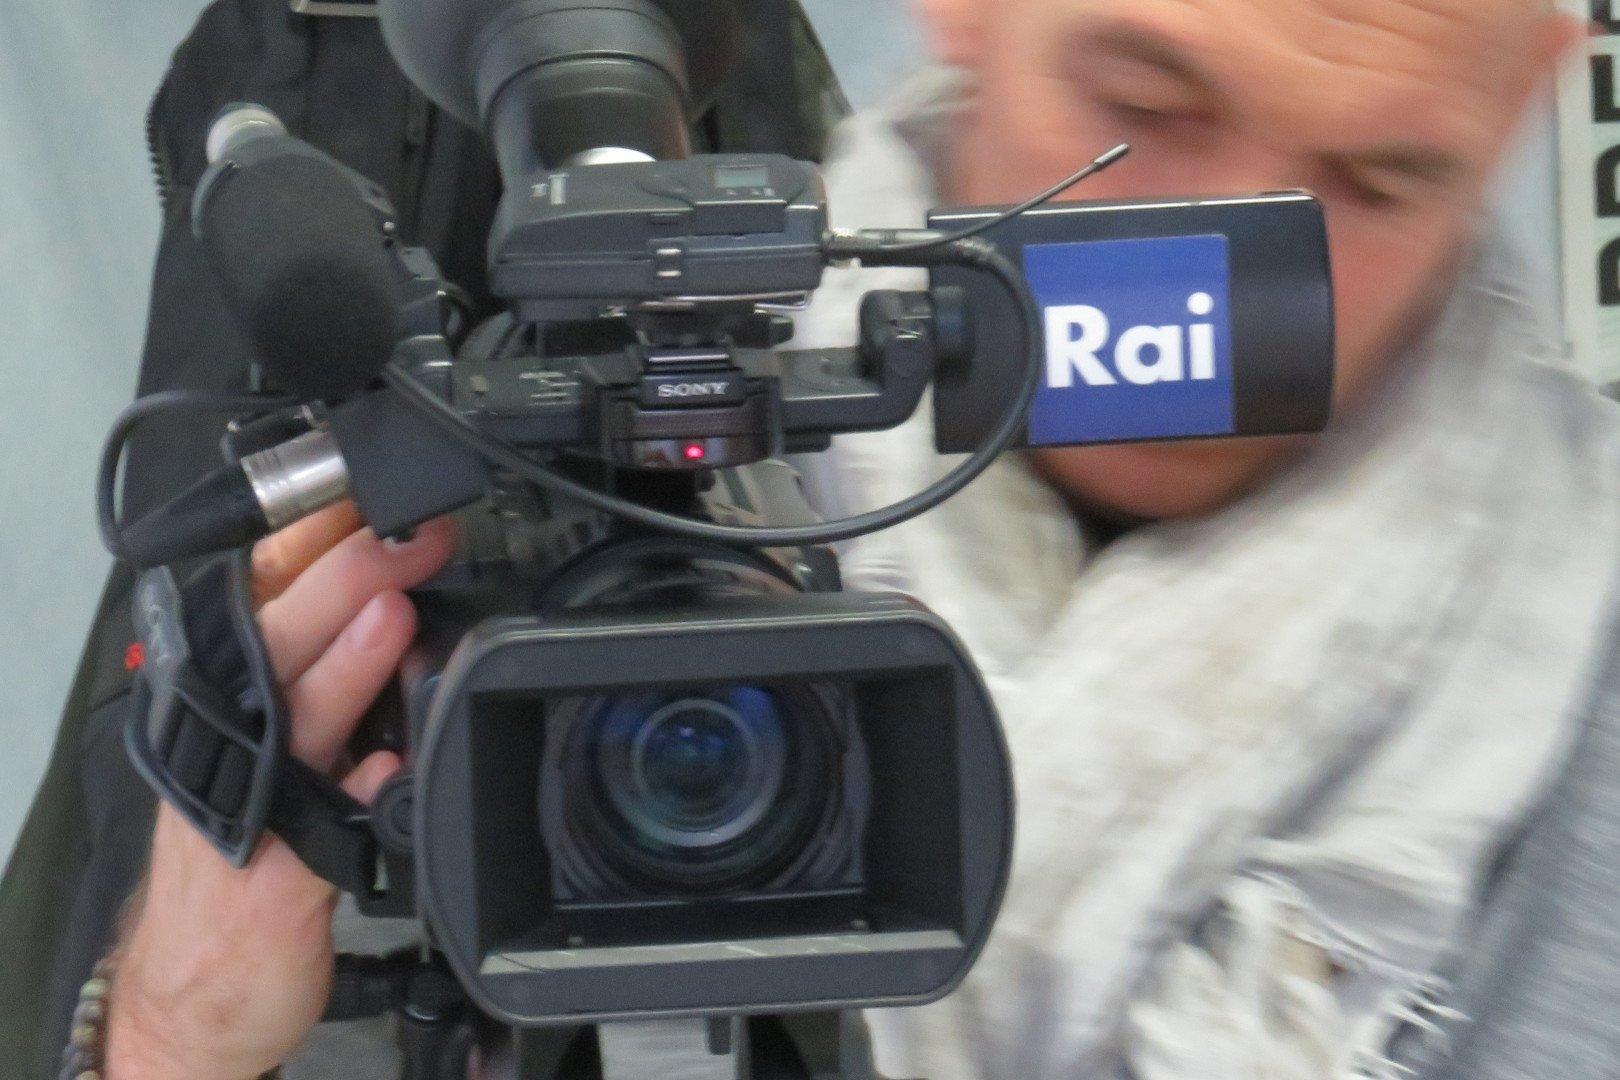 """Il Consiglio Valle approva una mozione per trattare il rinnovo della convenzione con la Rai, che preveda un monte ore """"adeguato"""" per le minoranze linguistiche"""